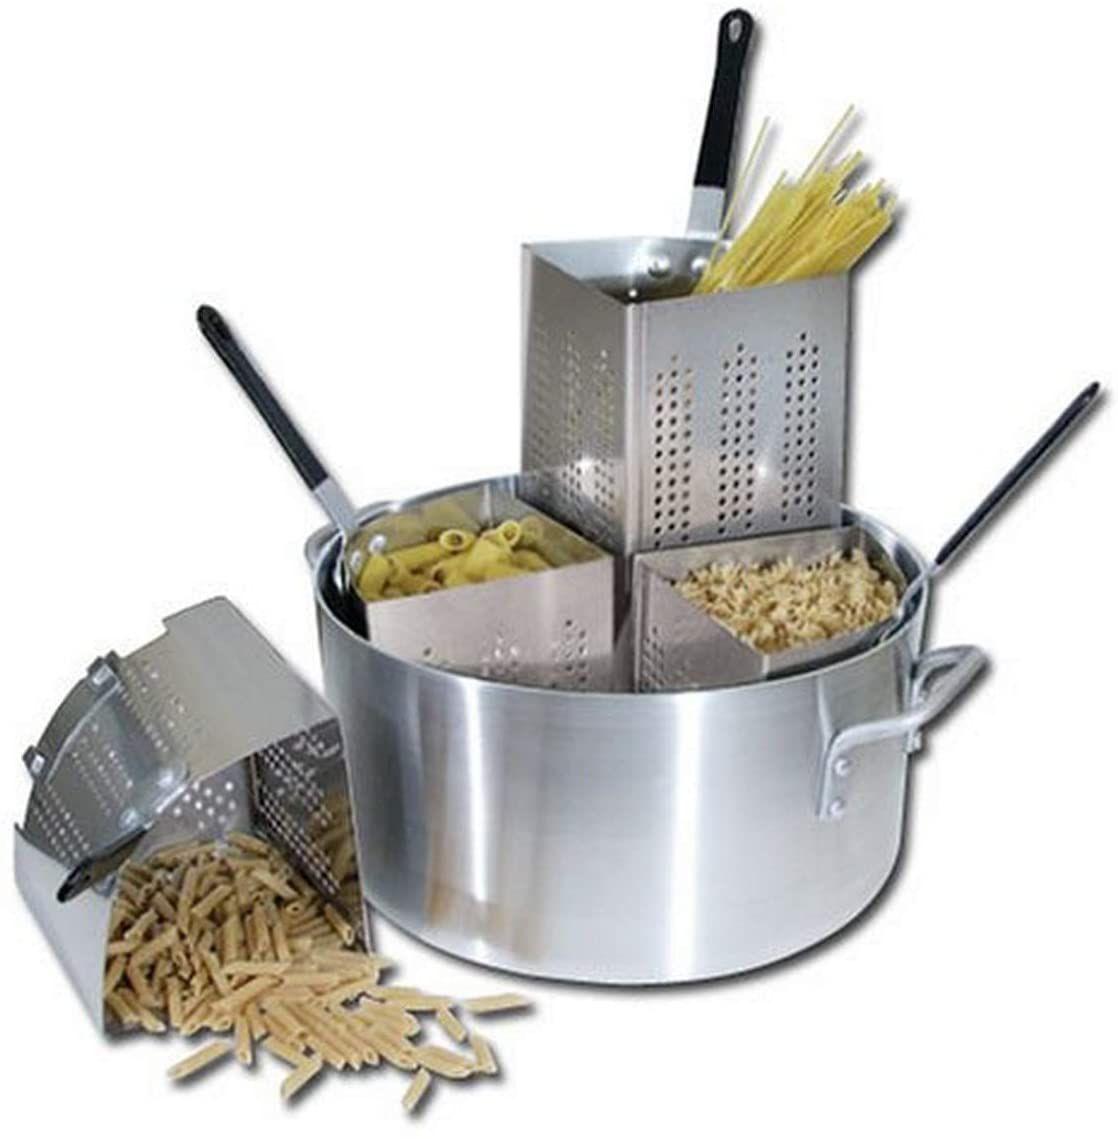 Winware 20-Quart Aluminum Pasta Cooker APS-20